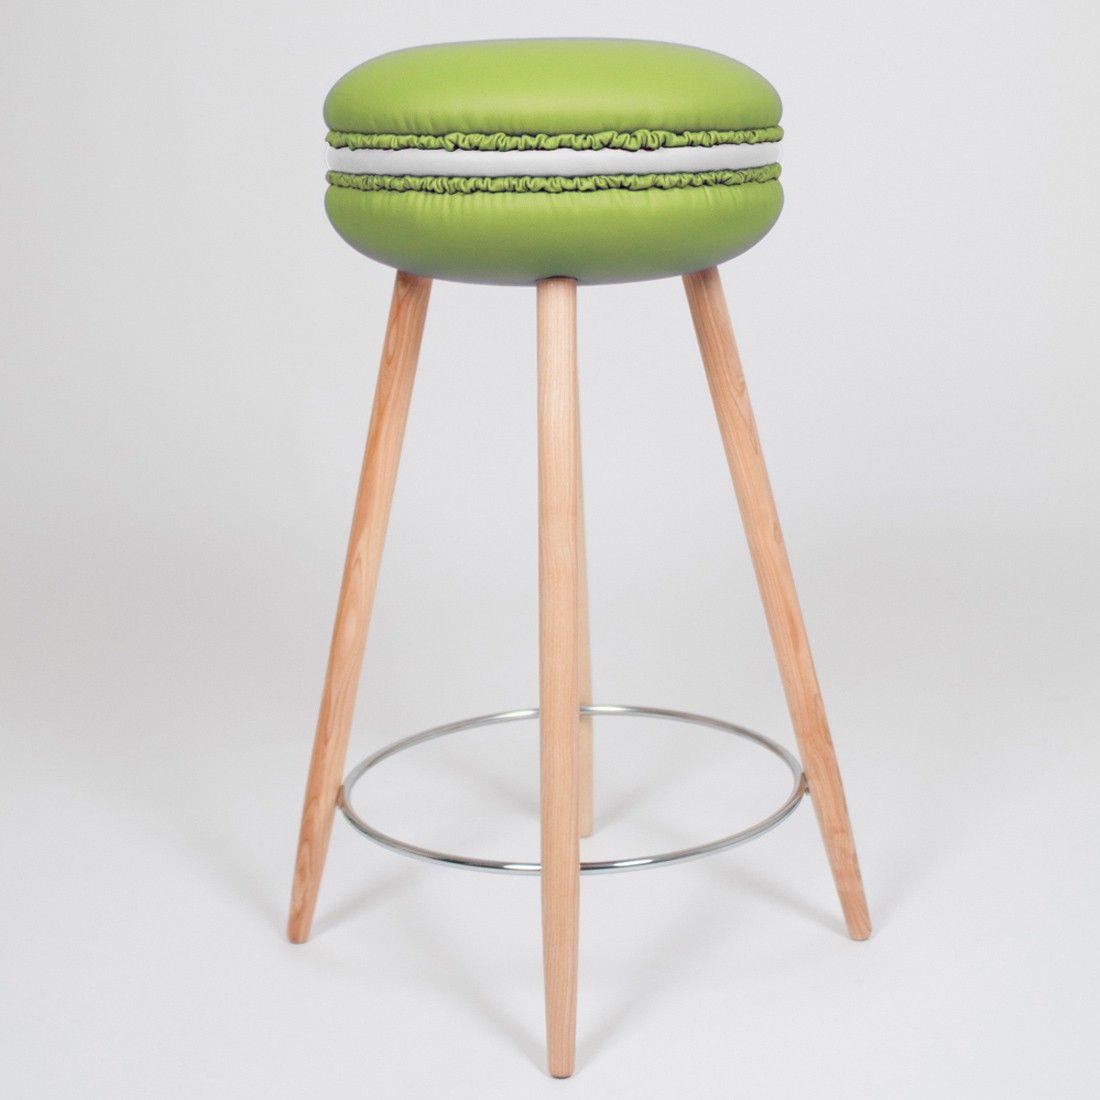 Ce tabouret design haut avec ses pieds en bois de fr ne - Tabouret de cuisine design jaune ...